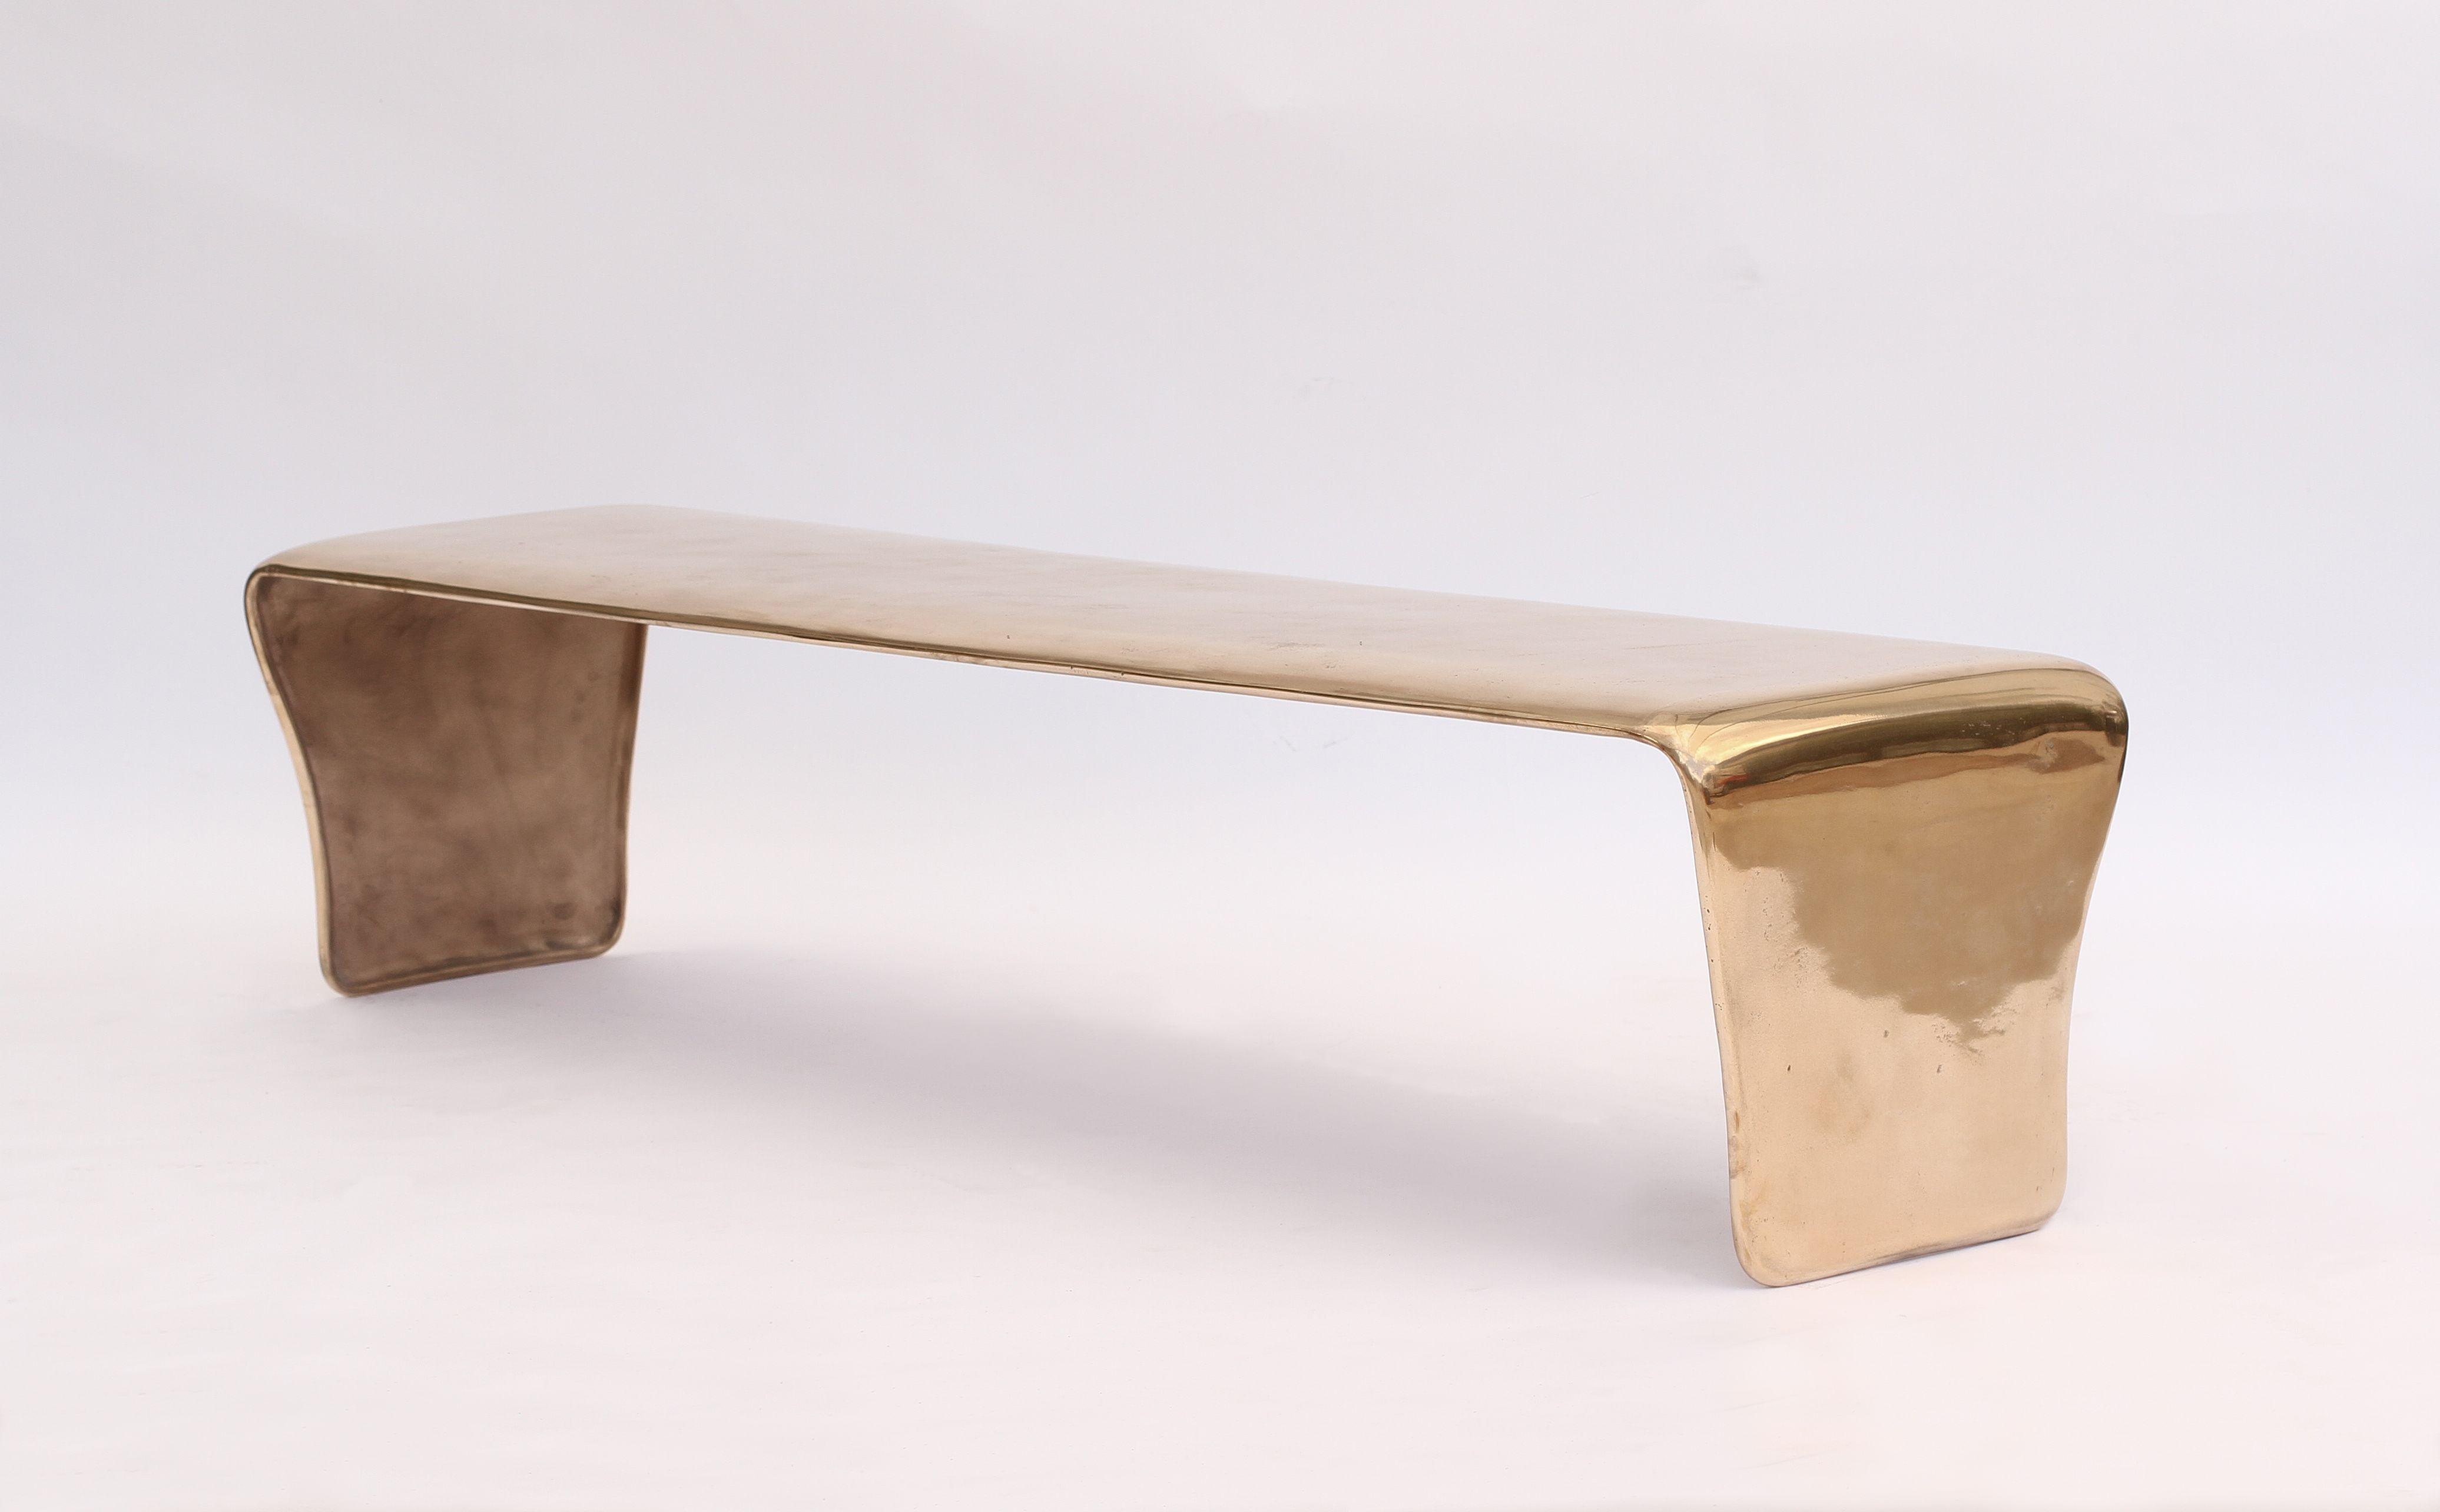 8c16953e83750cc8f36c7becf431a69b Incroyable De Table Basse Le Corbusier Concept